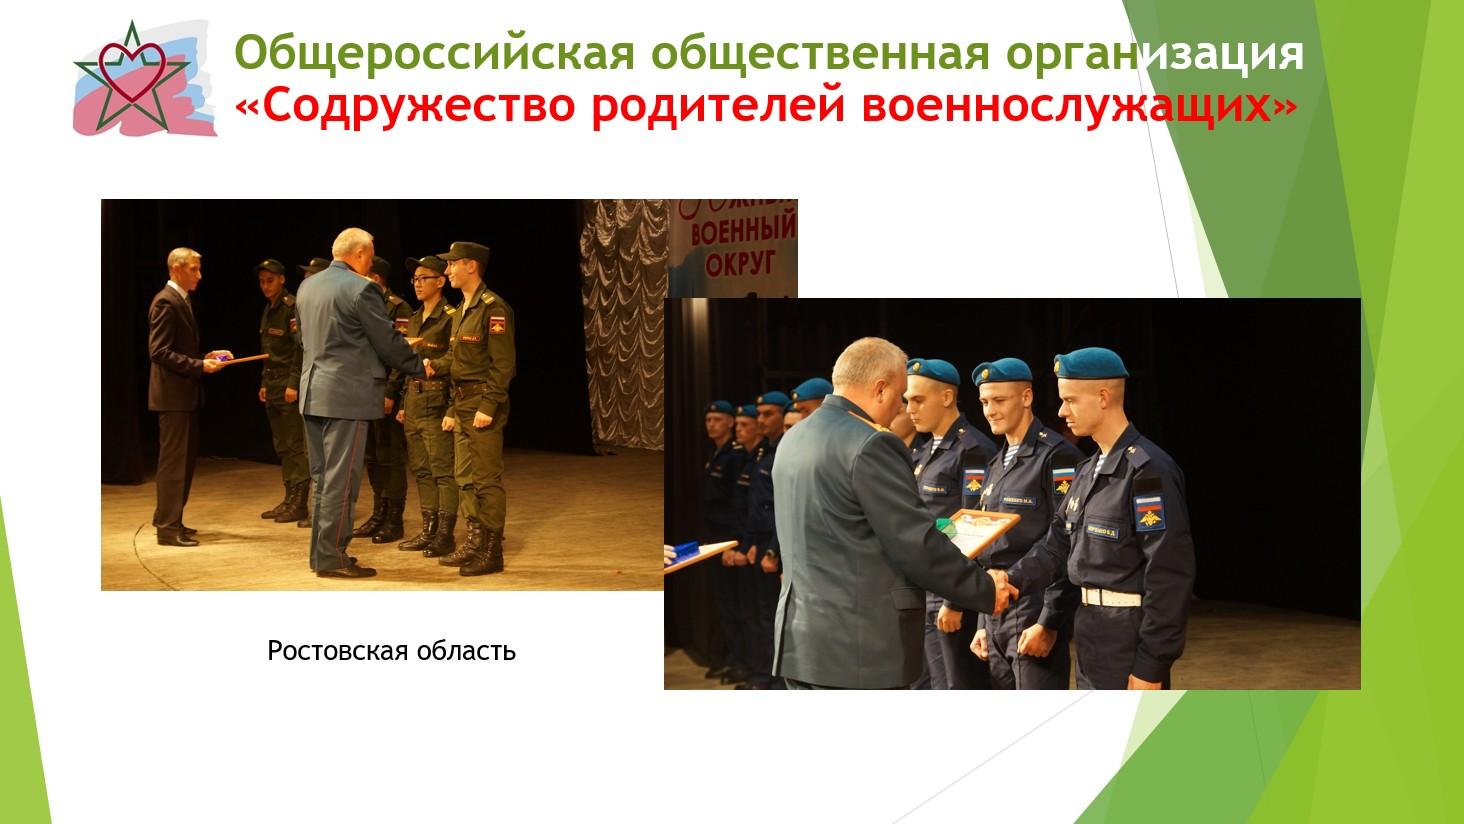 Инструкция о награждениях военнослужащих россии